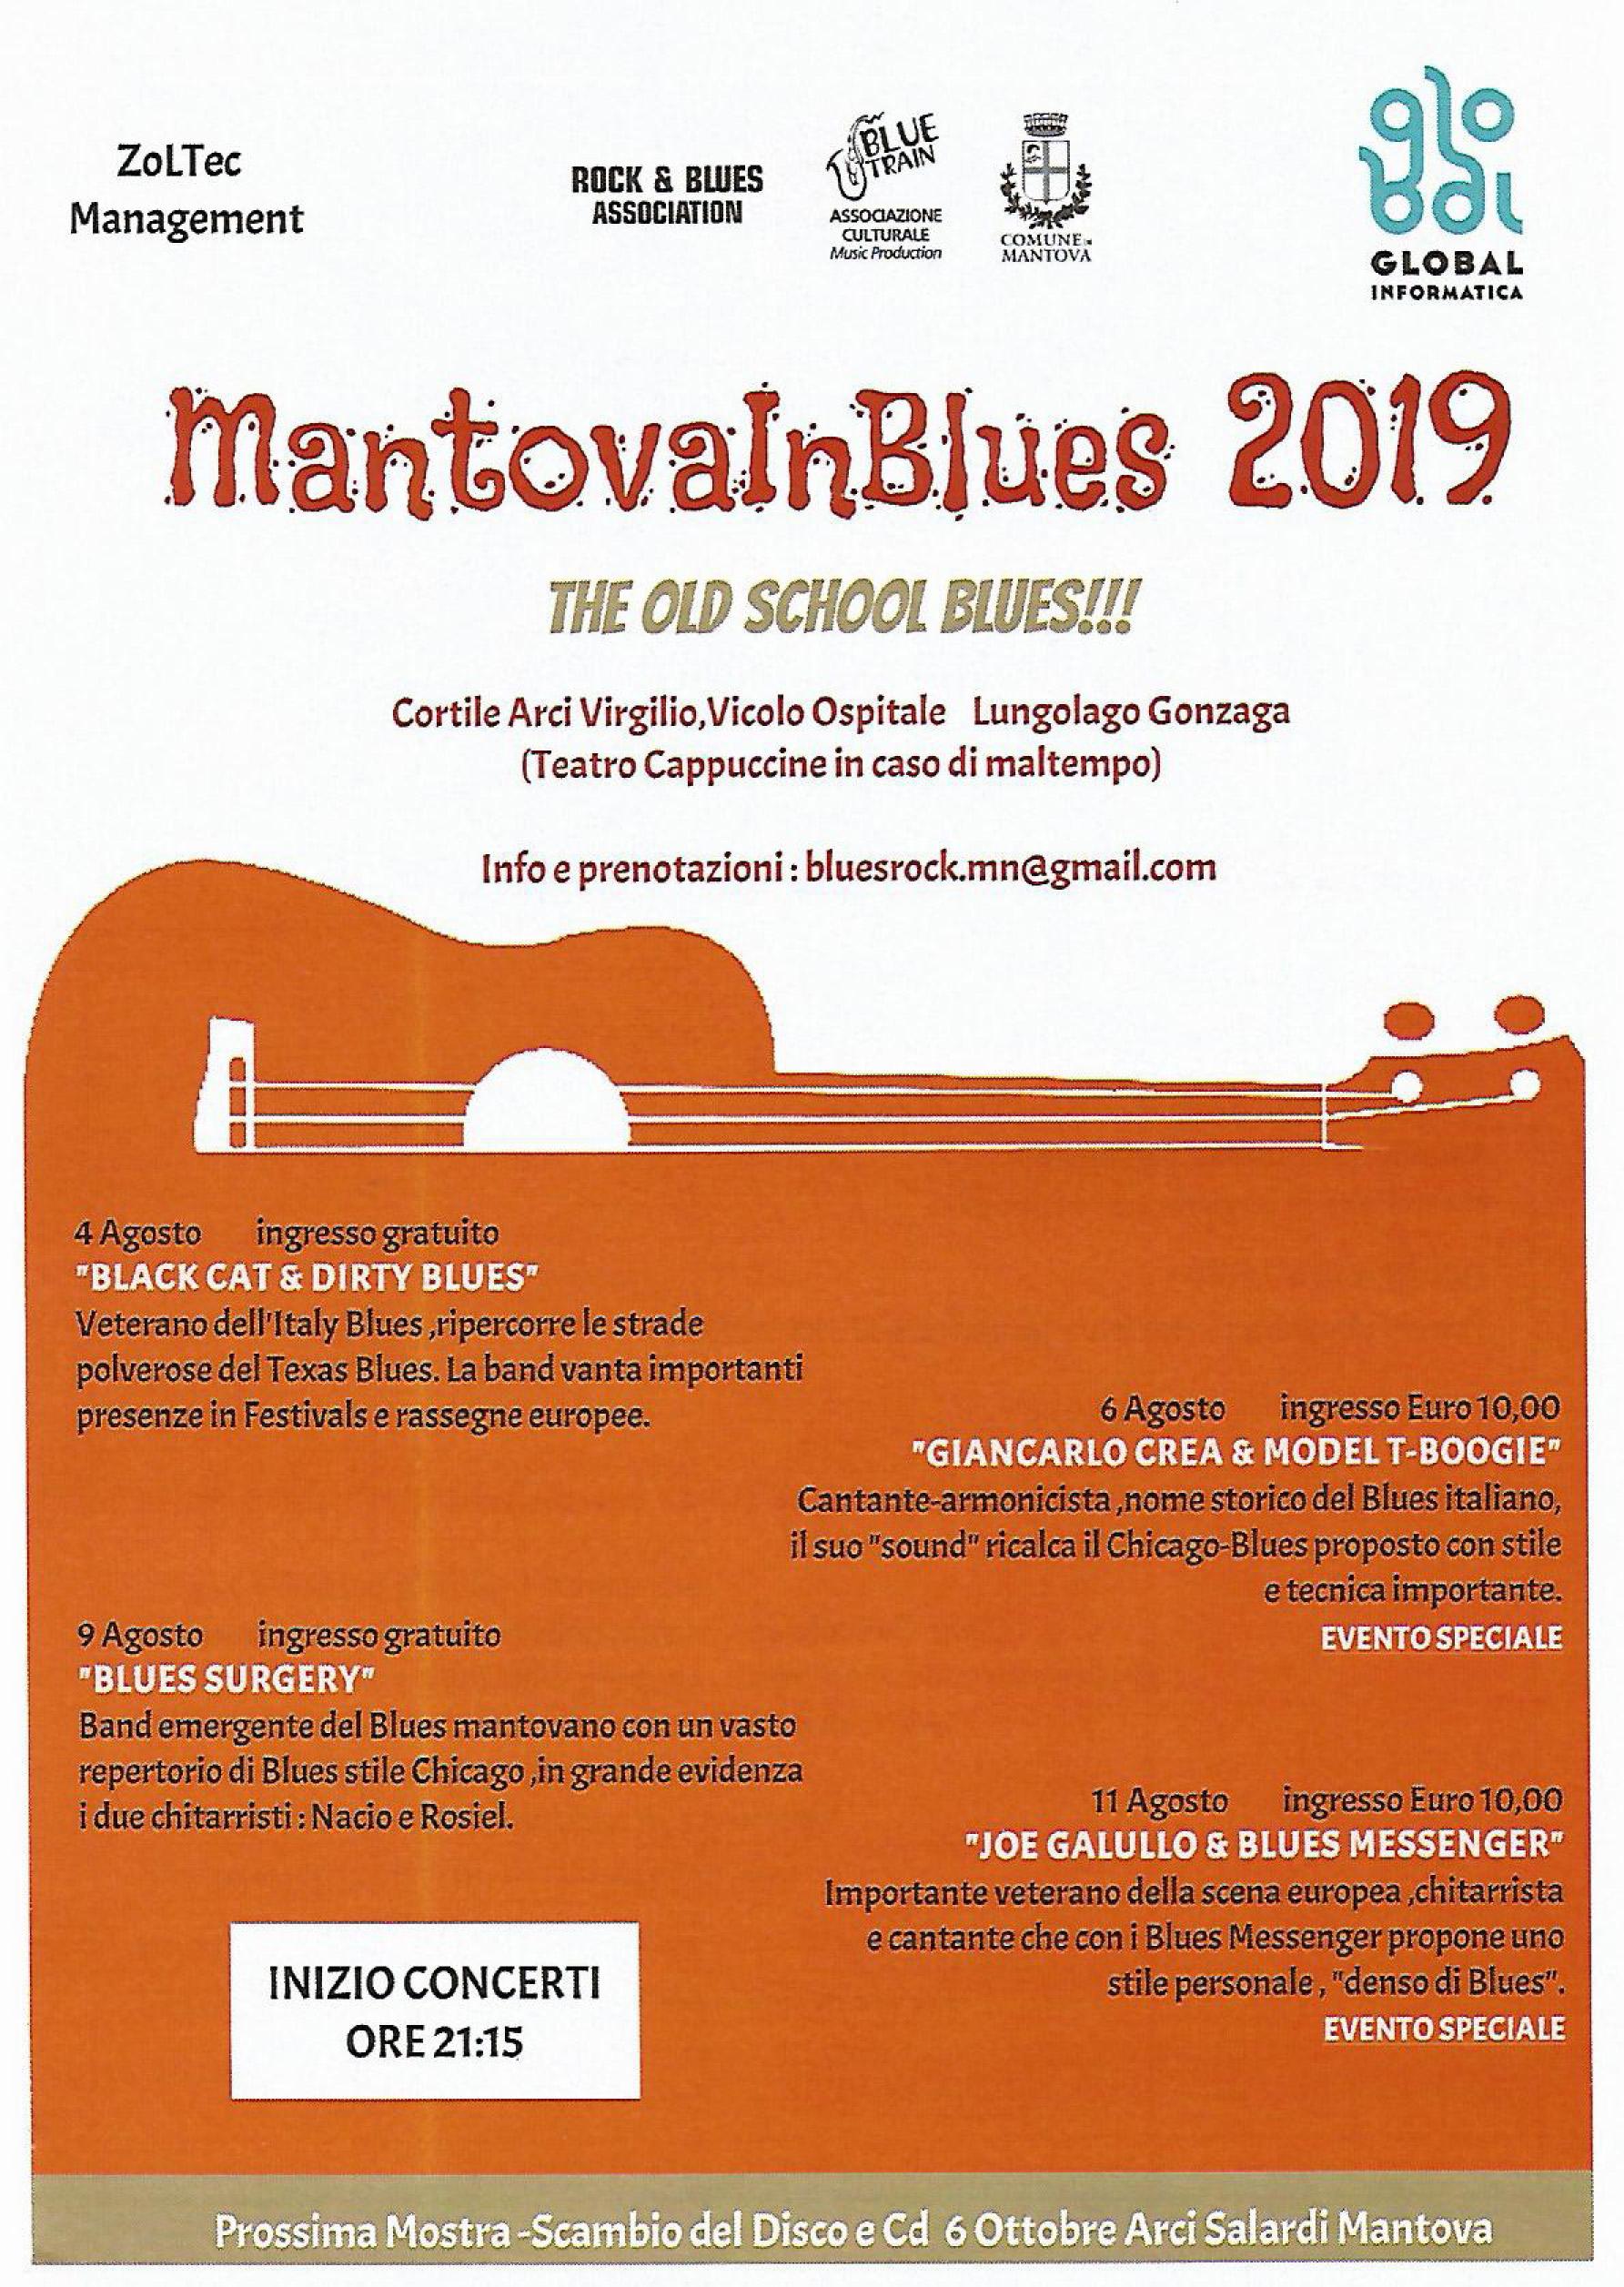 MANTOVAinBLUES 2019